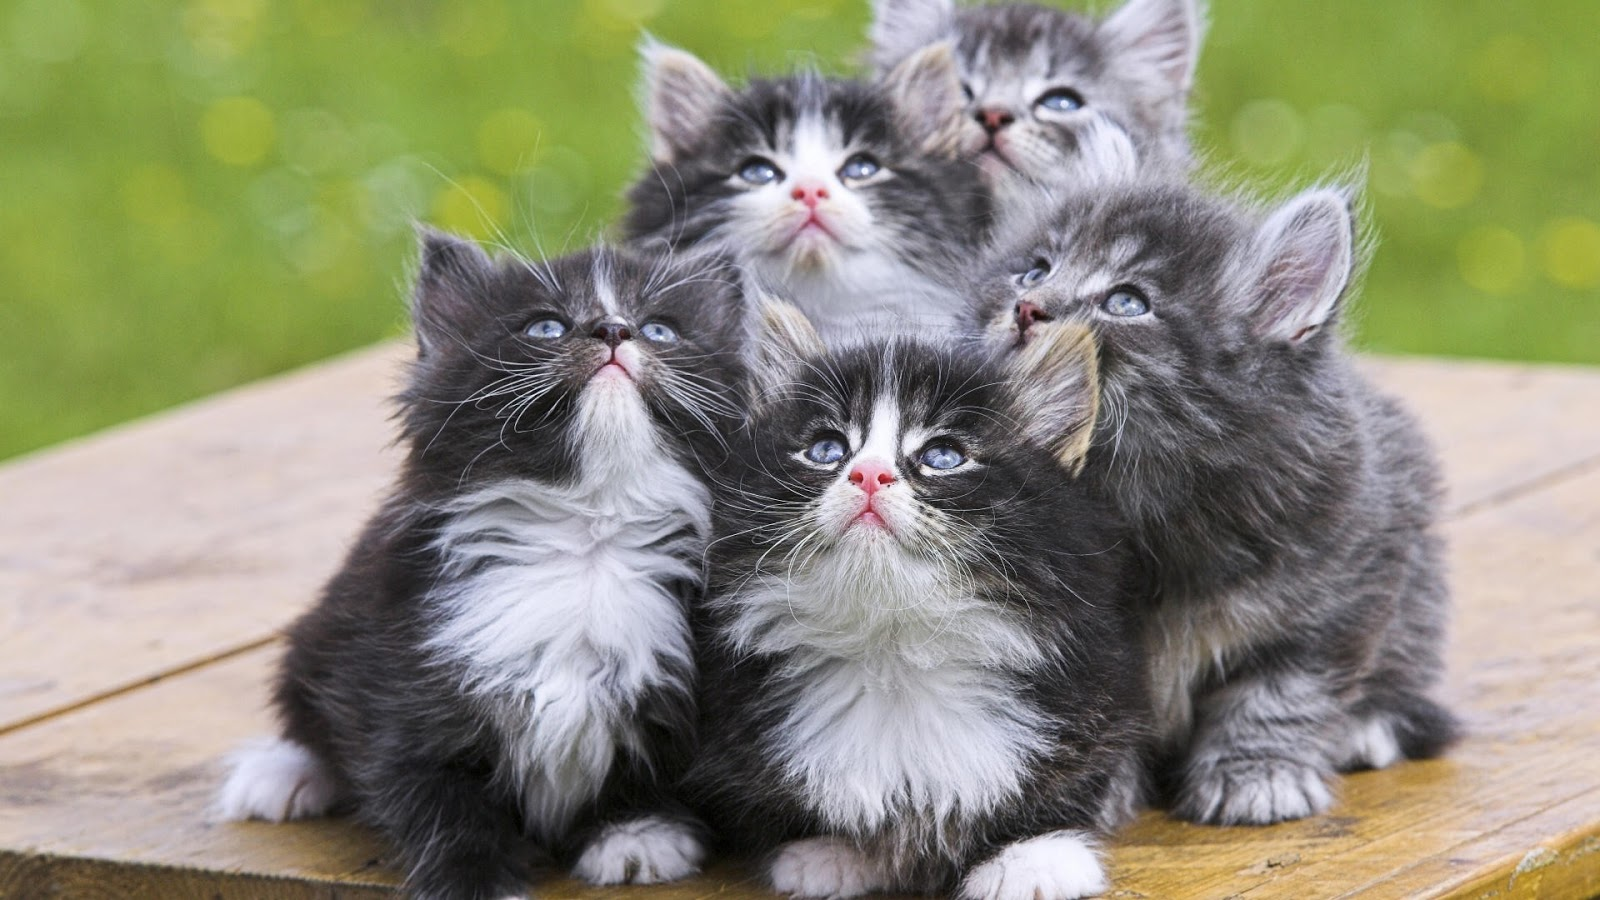 صور اجمل الصور للقطط في العالم , اجمل القطط للتربيه